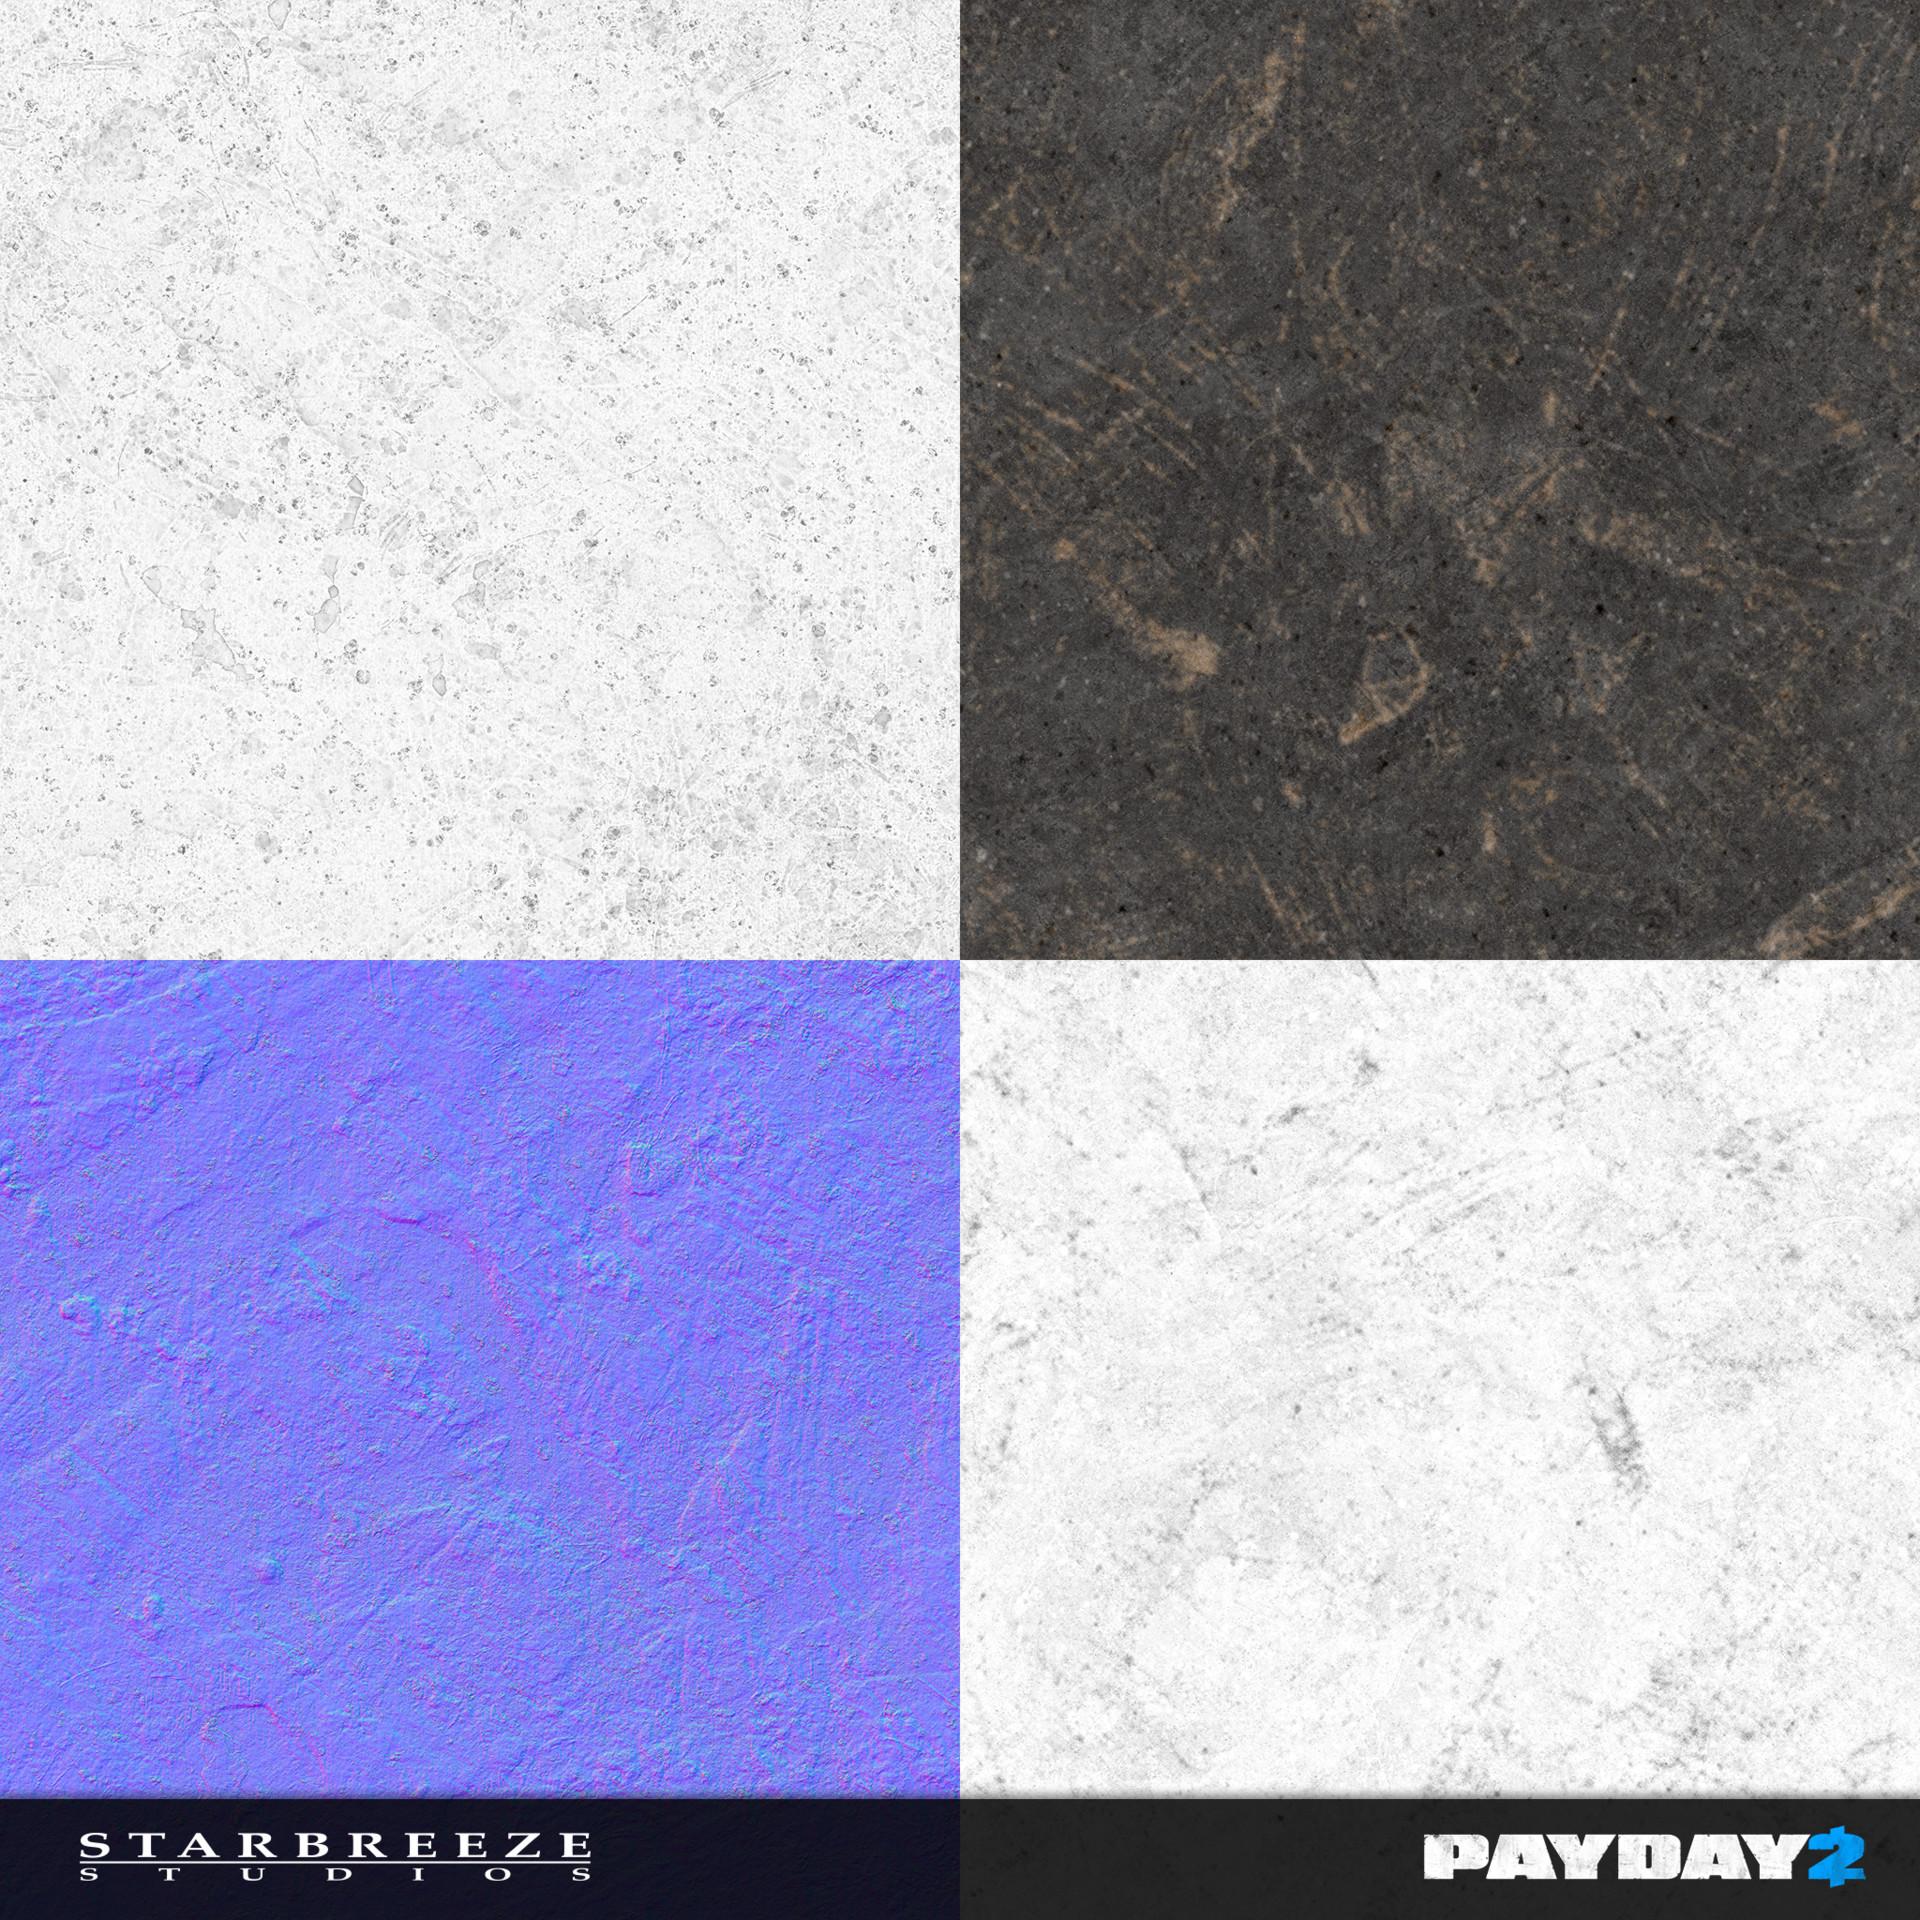 Lucas josefsson lucasjosefsson pd2 concrete floor 02 textures